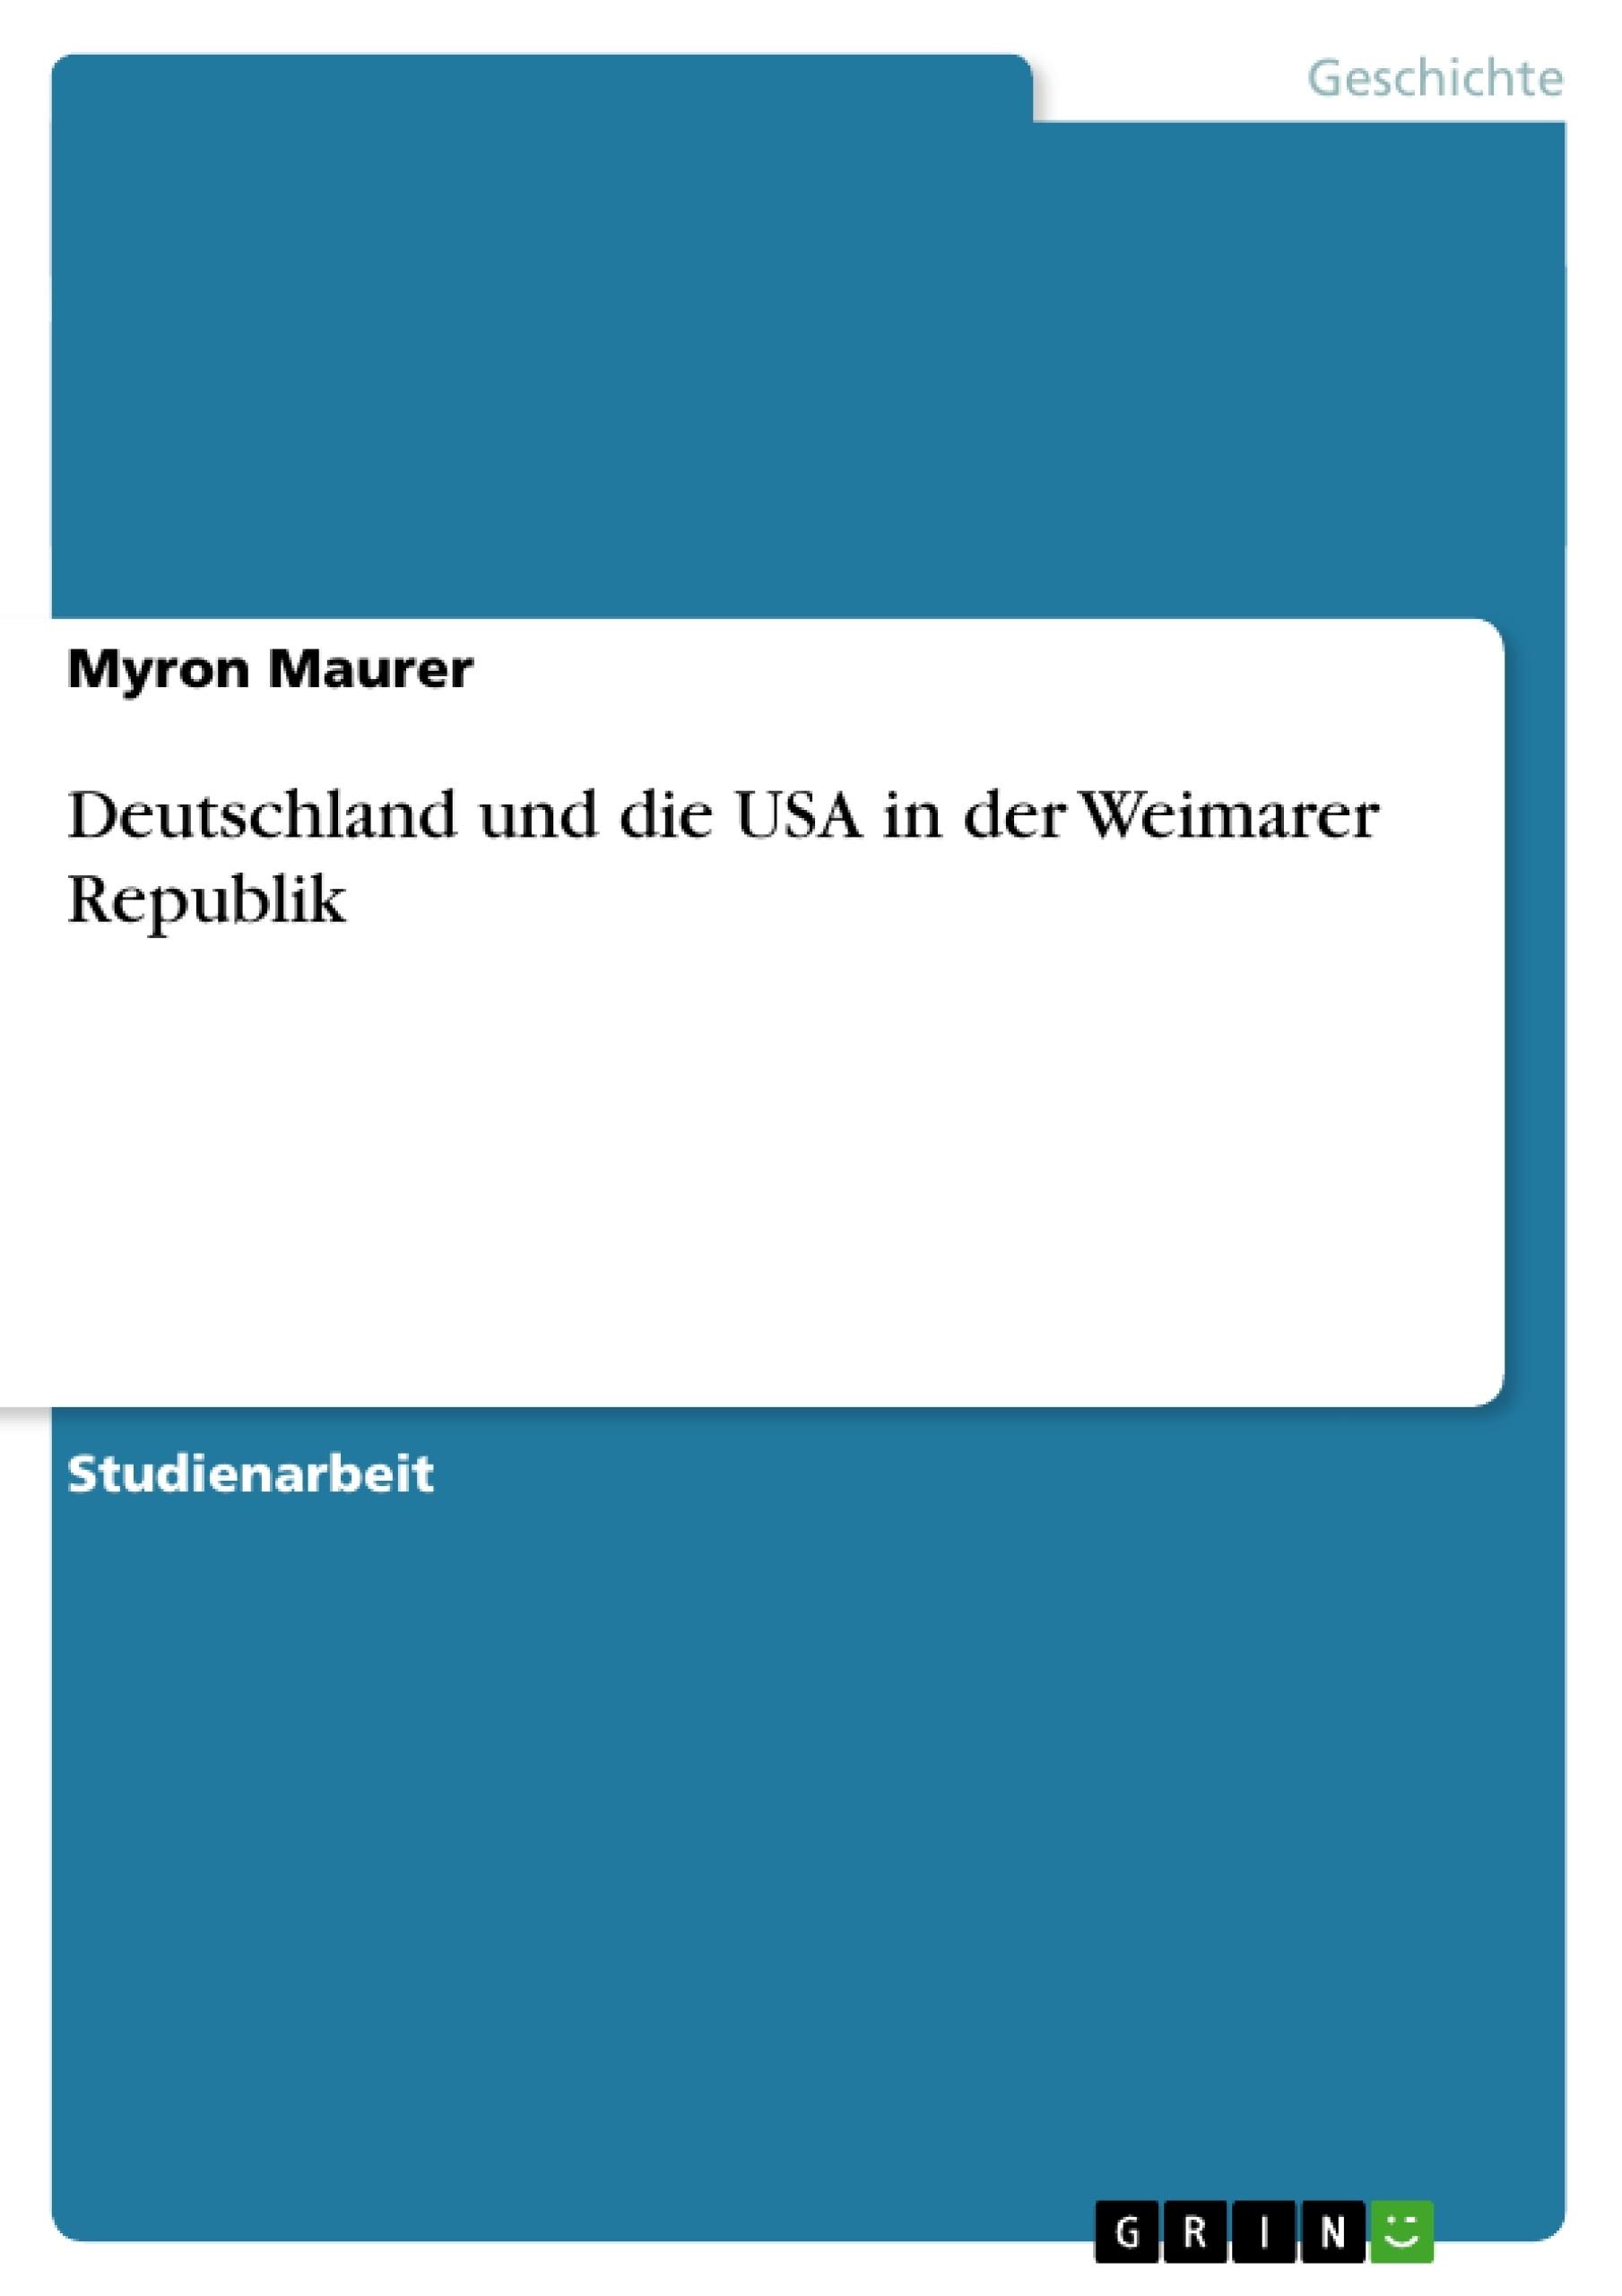 Titel: Deutschland und die USA in der Weimarer Republik